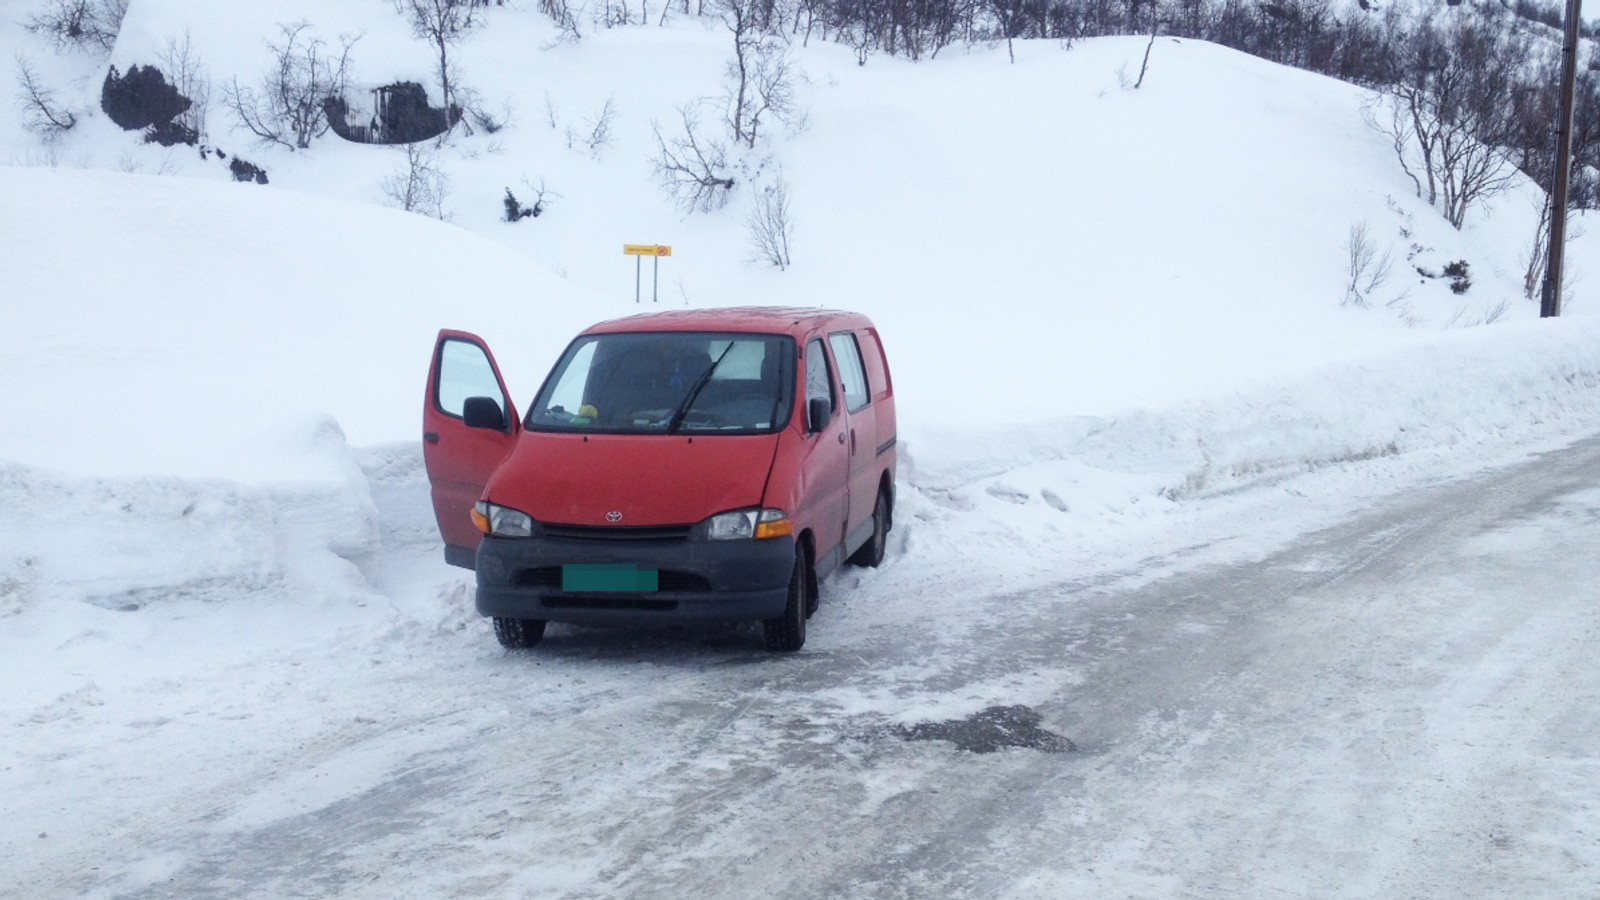 Deretter prøvde mannen å stikke av med denne bilen, men vart stogga av bileigar.